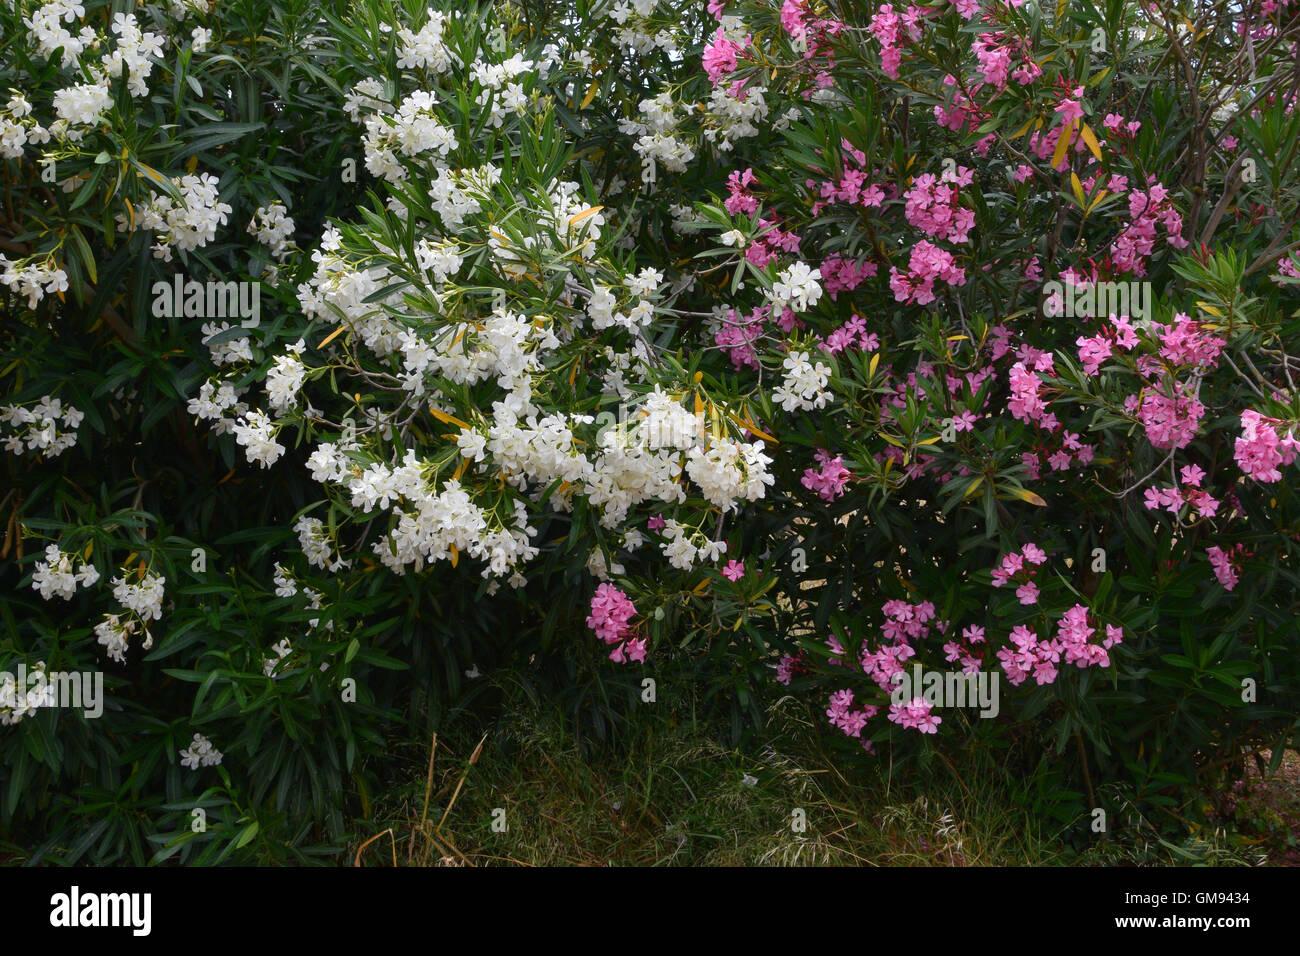 Cespugli Sempreverdi Con Fiori nerium oleander daphne arbusti con fiori rosa e bianchi